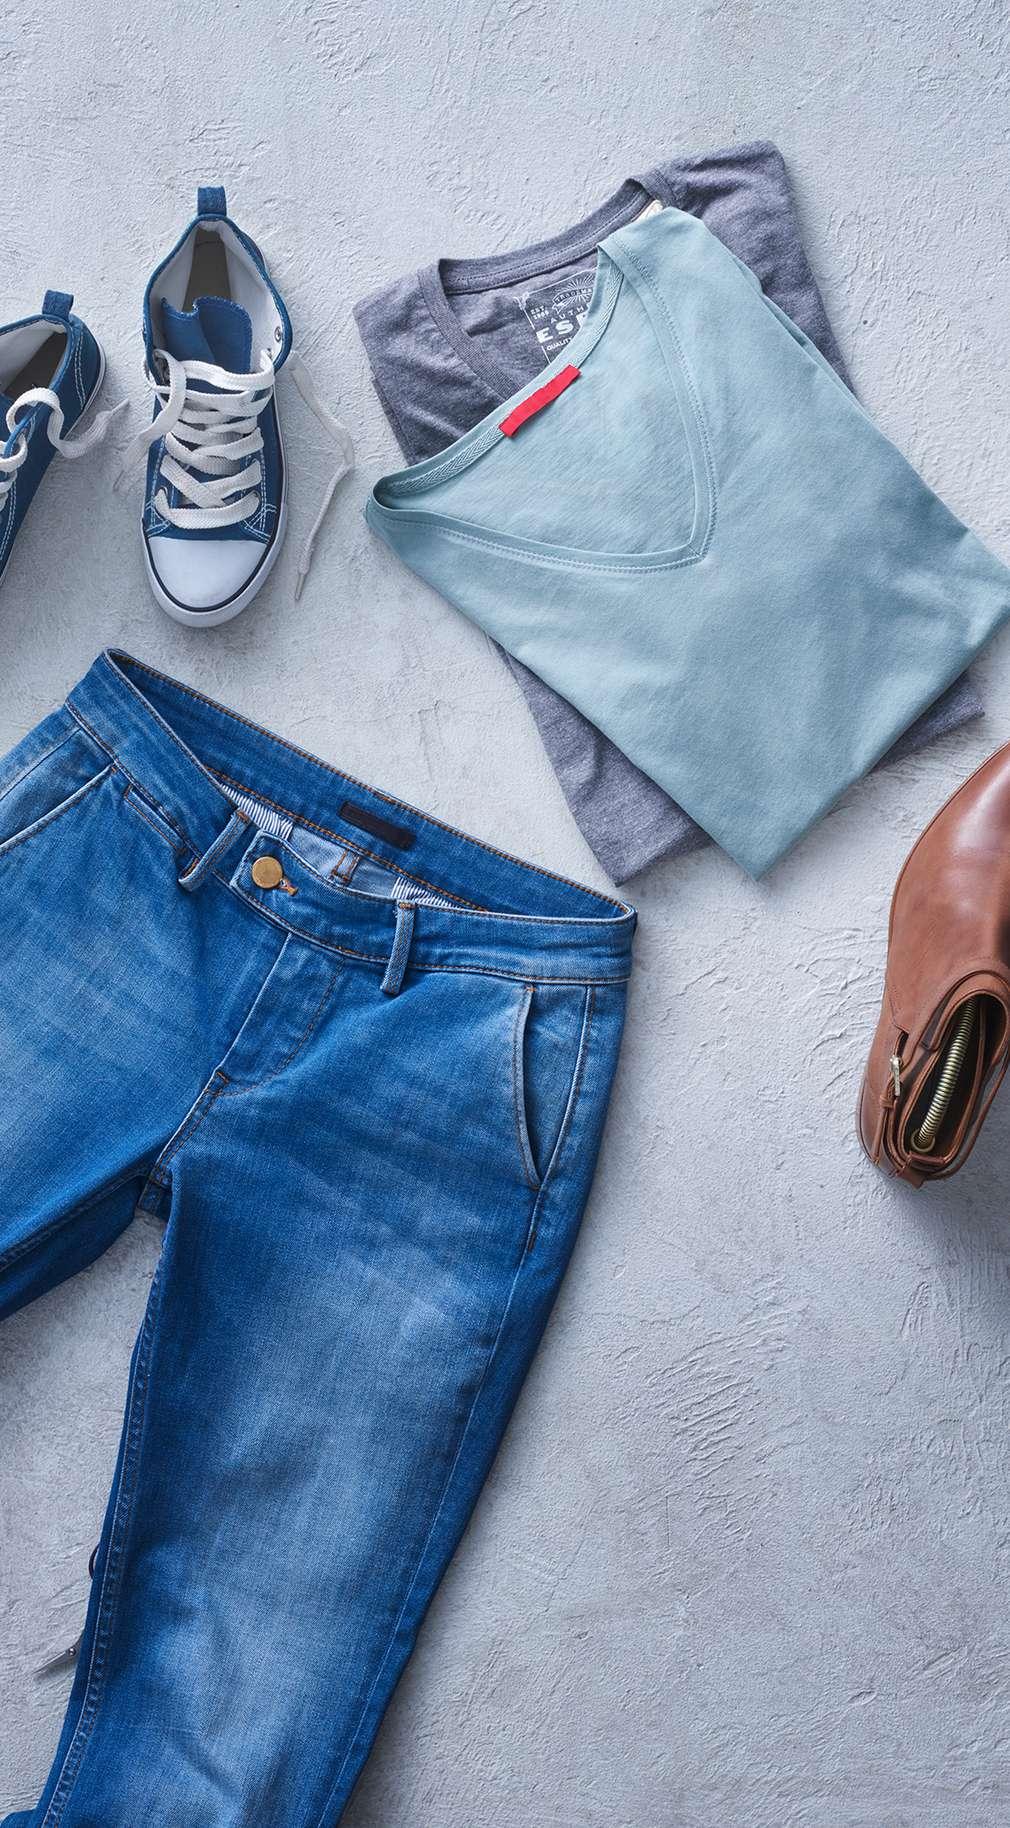 Oferte la haine, pantofi, accesorii